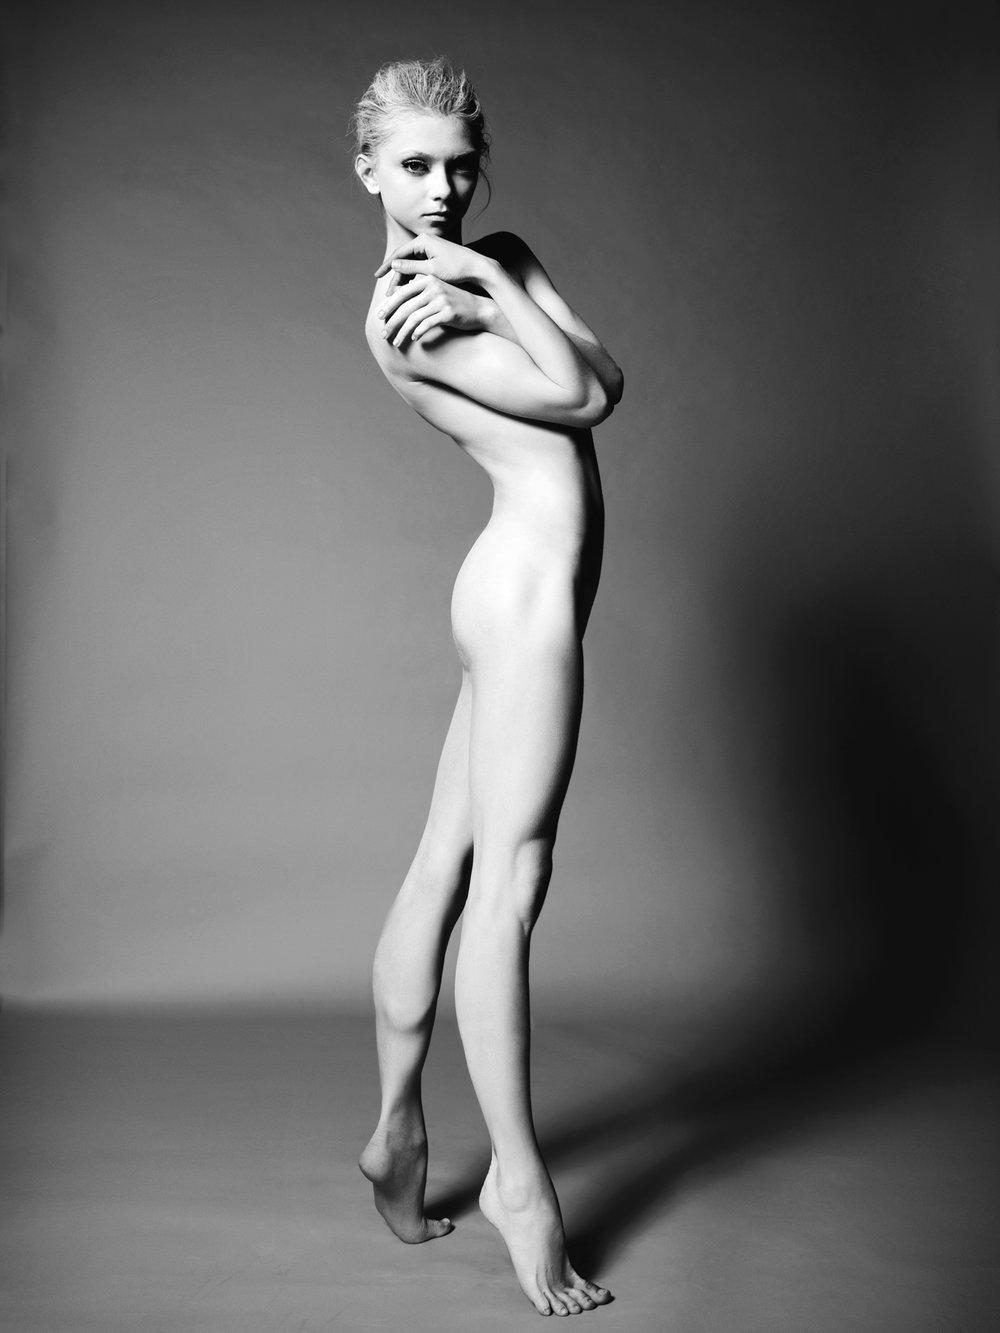 irina full length nude36a.jpg